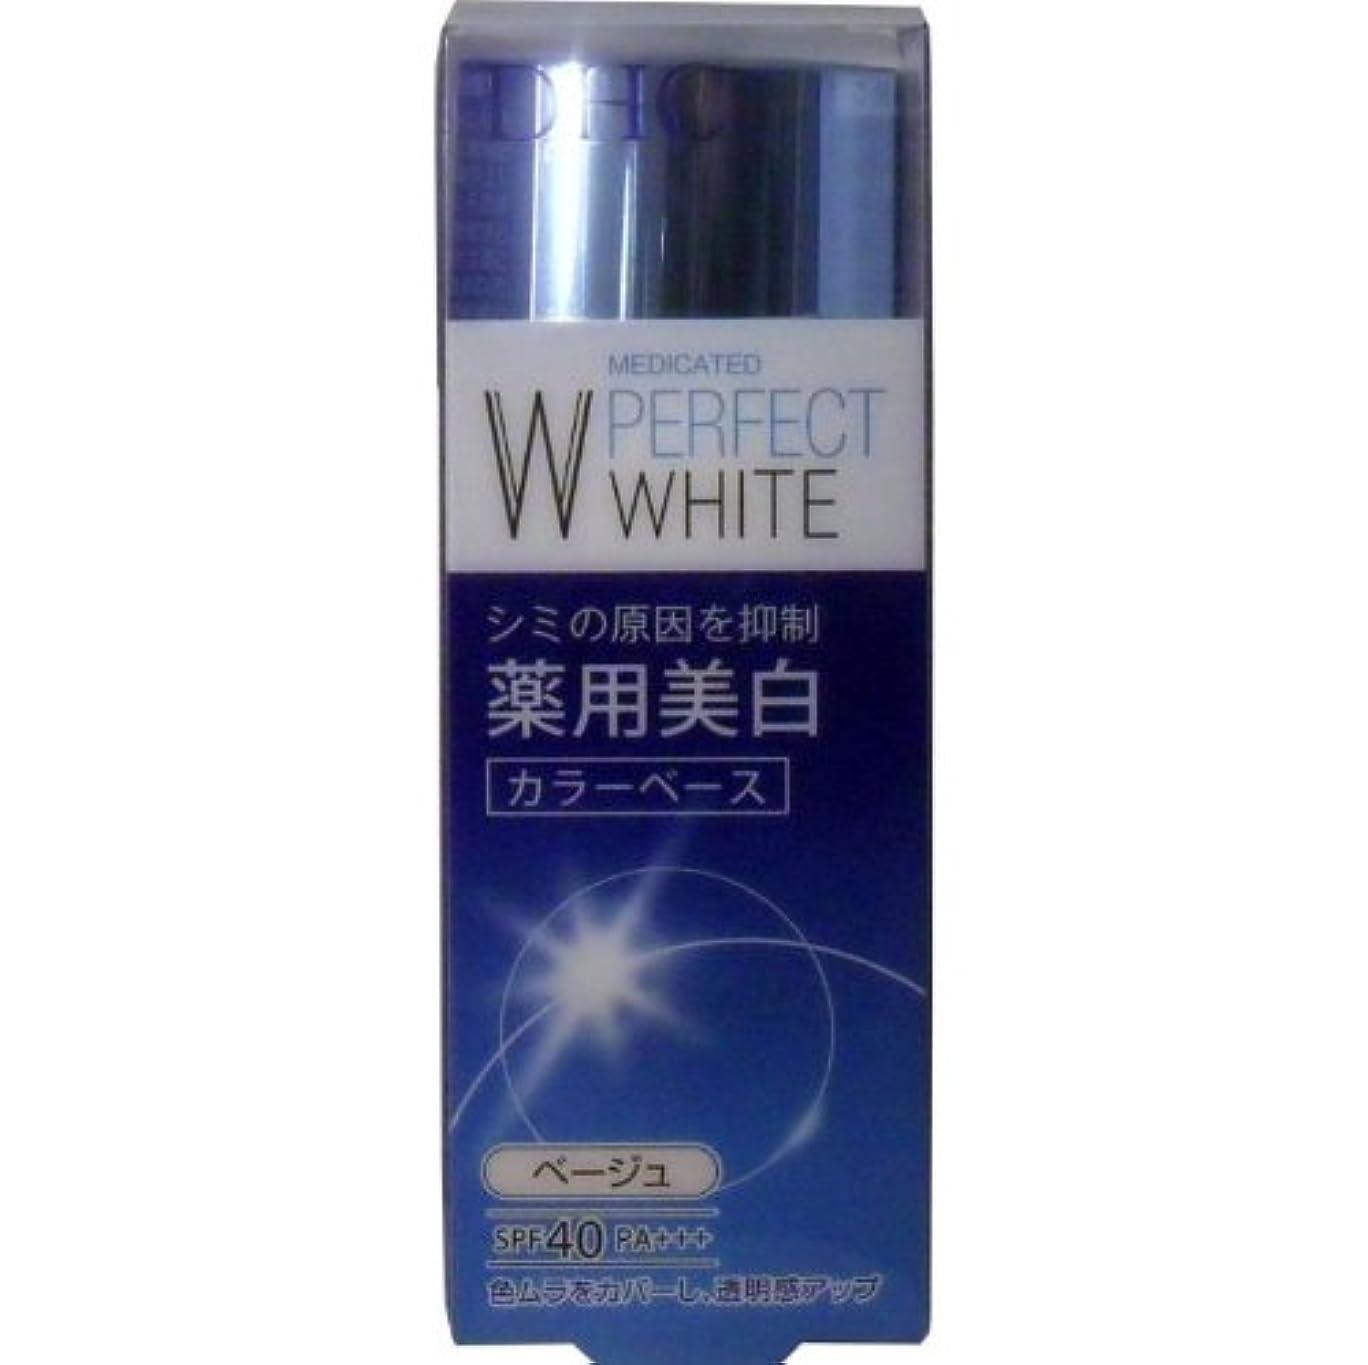 言い直すジャングルサーカスDHC 薬用美白パーフェクトホワイト カラーベース ベージュ 30g